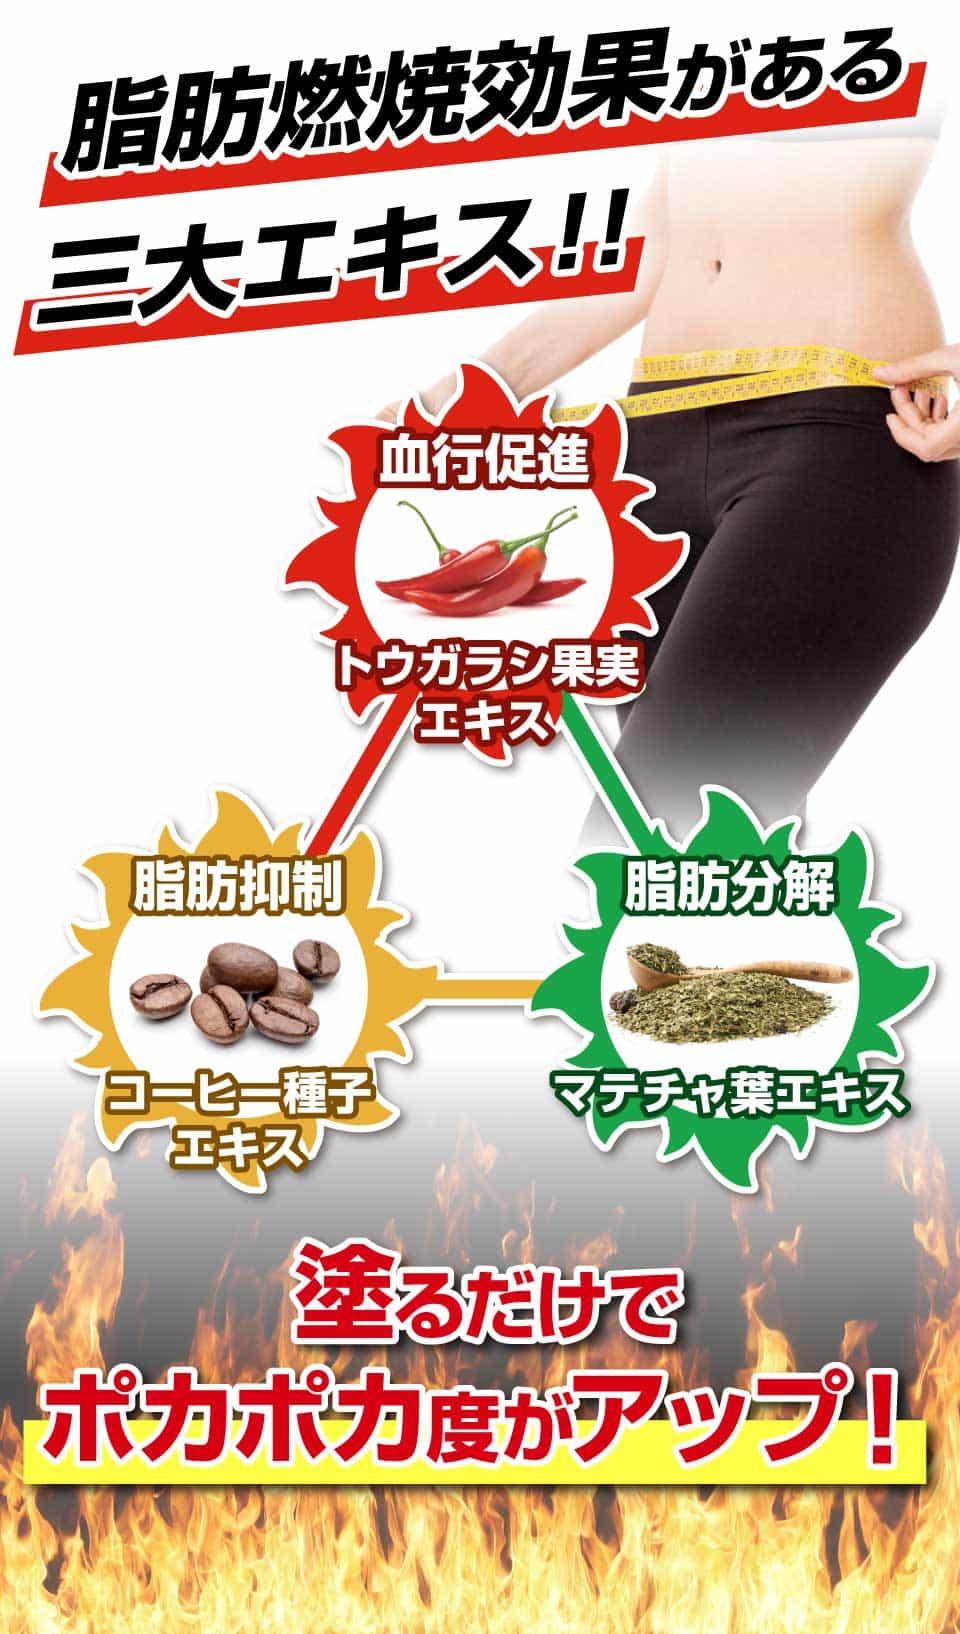 脂肪燃焼効果がある三大エキス